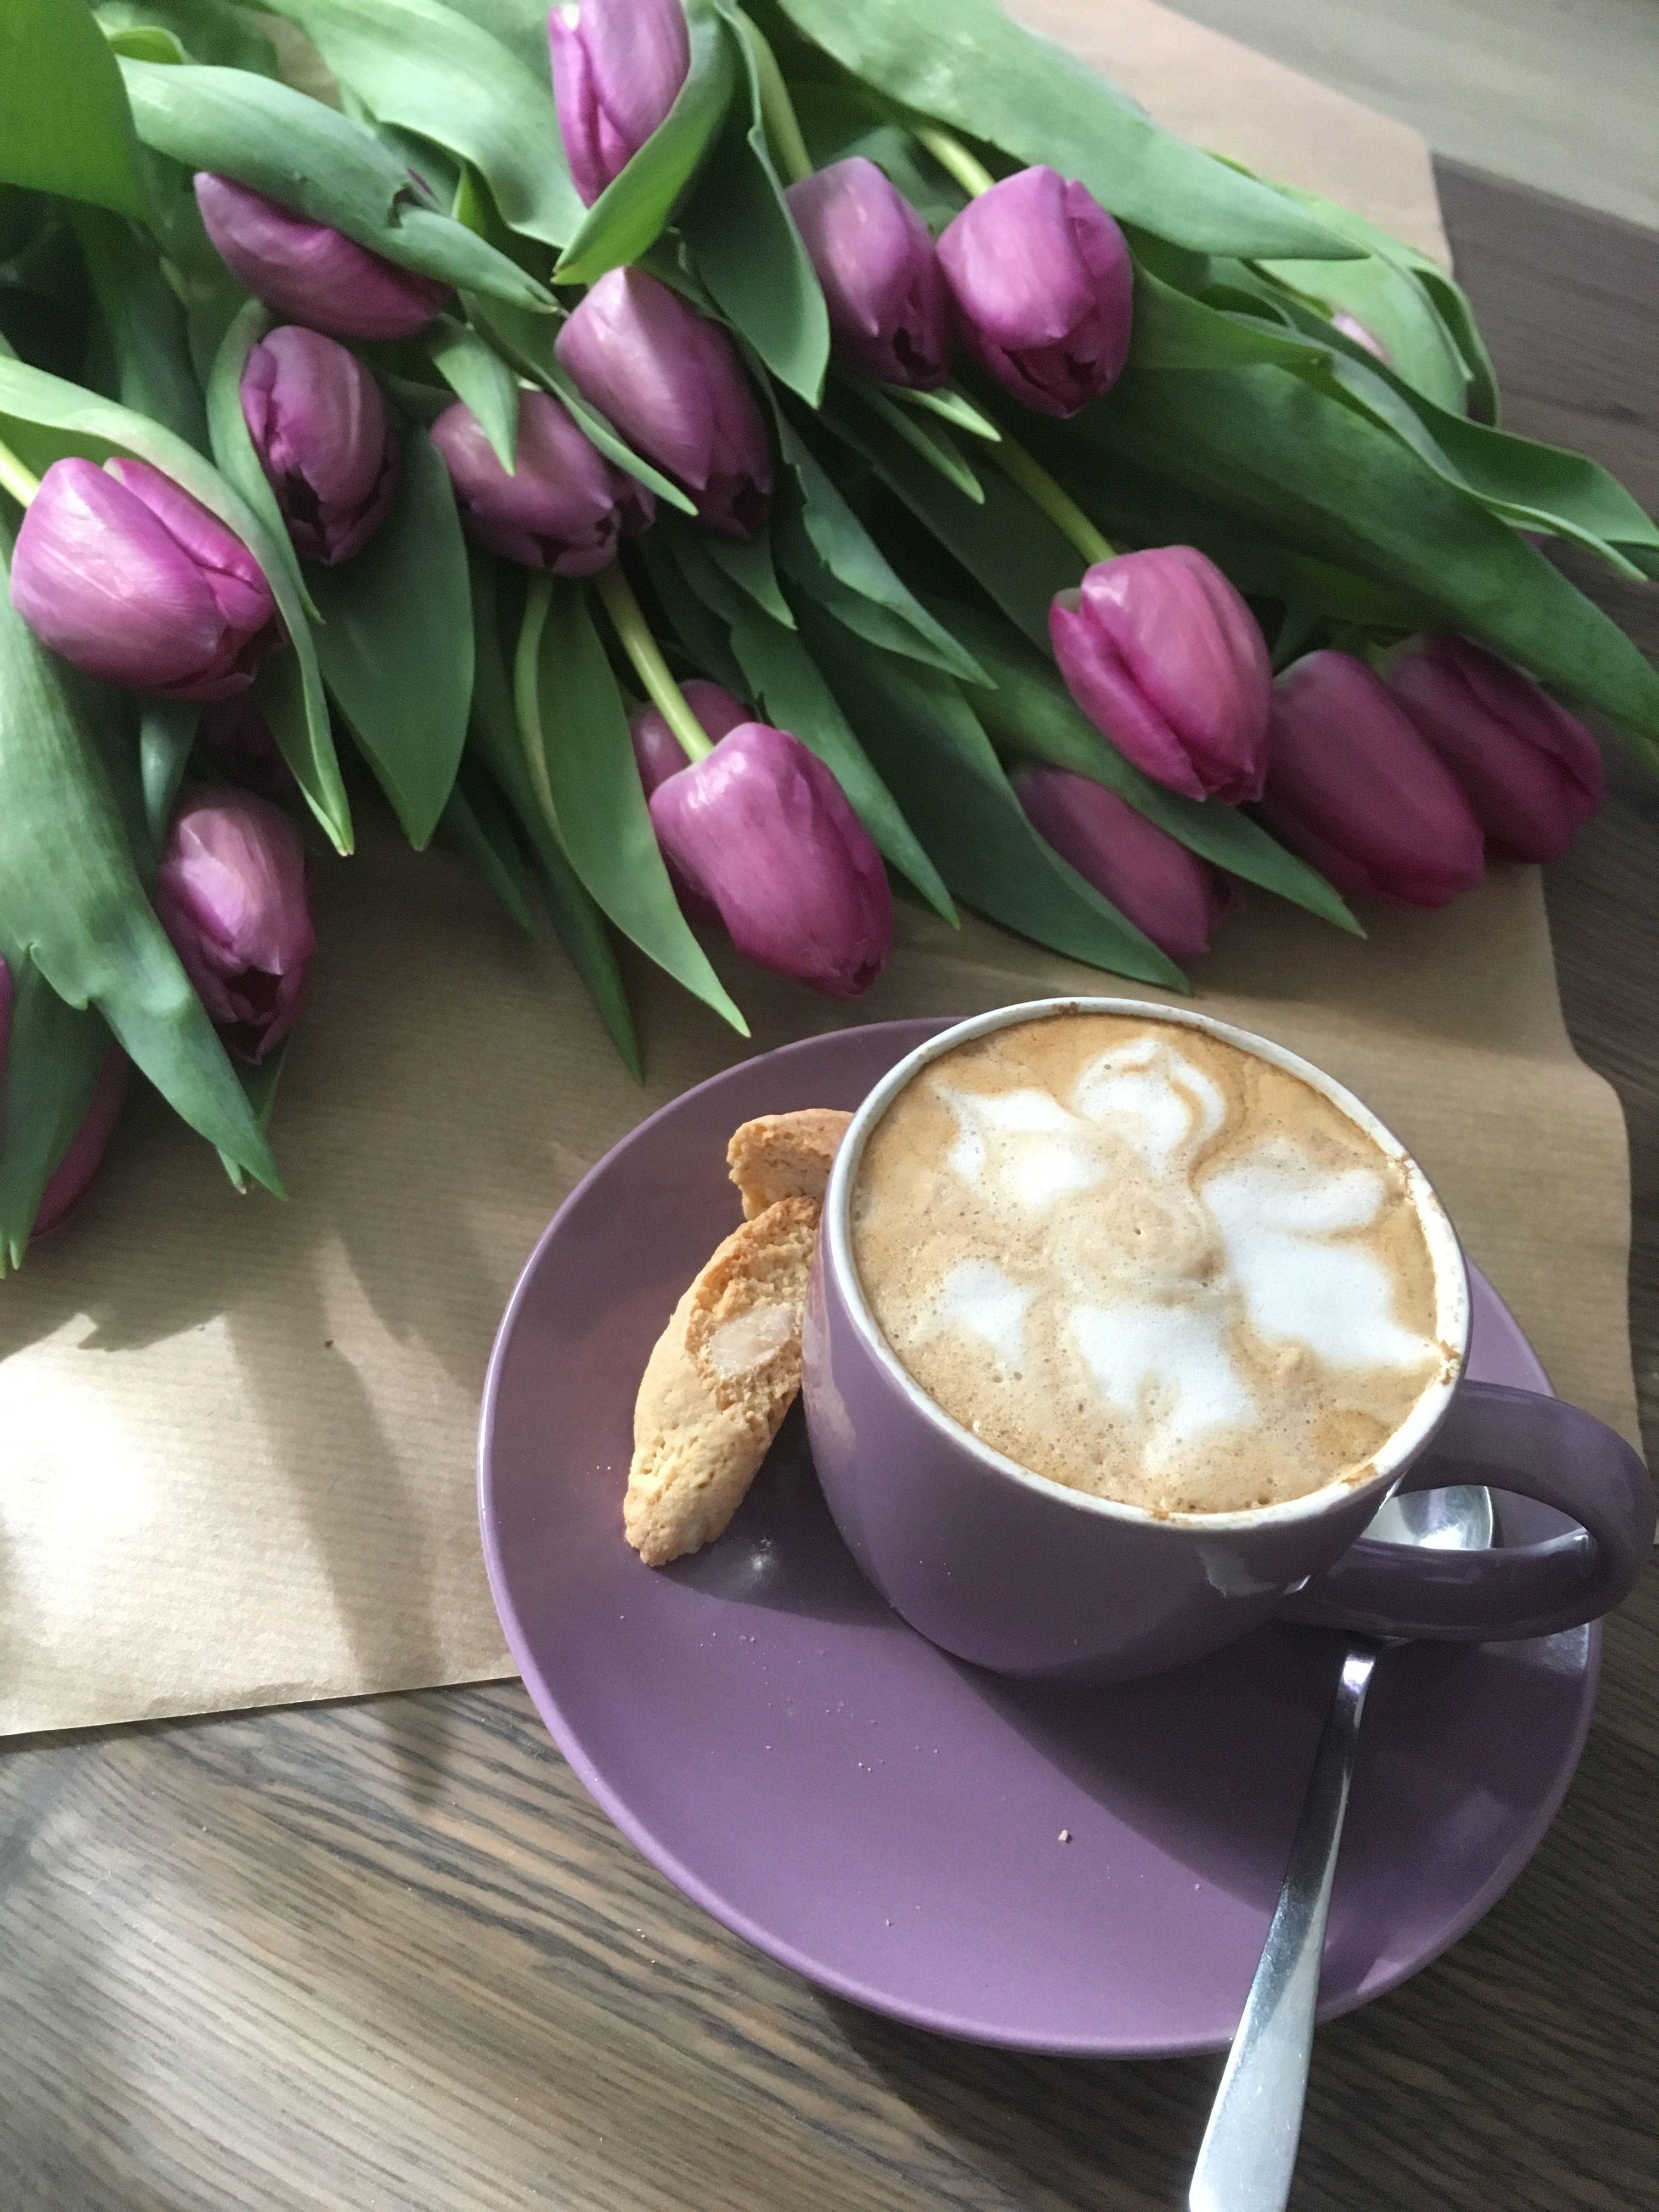 картинки доброе утро с тюльпанами для рационального, привлекательного